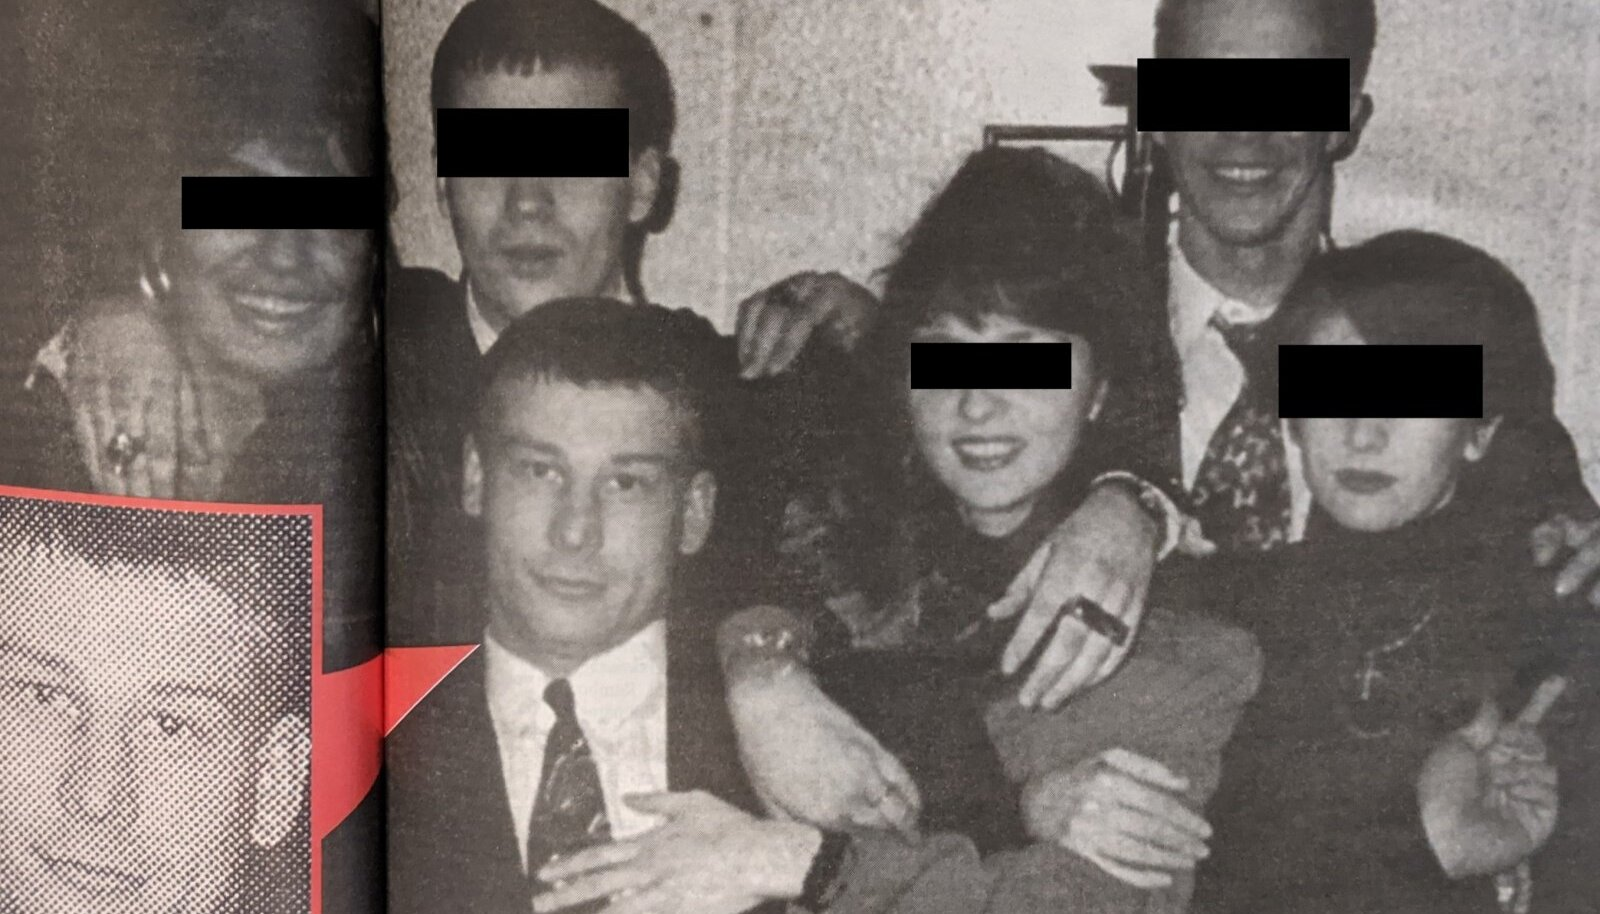 1996: Toomas Erm Wilson koos kamraadidega, keda politsei seostas tollal Kaasani grupeeringuga.